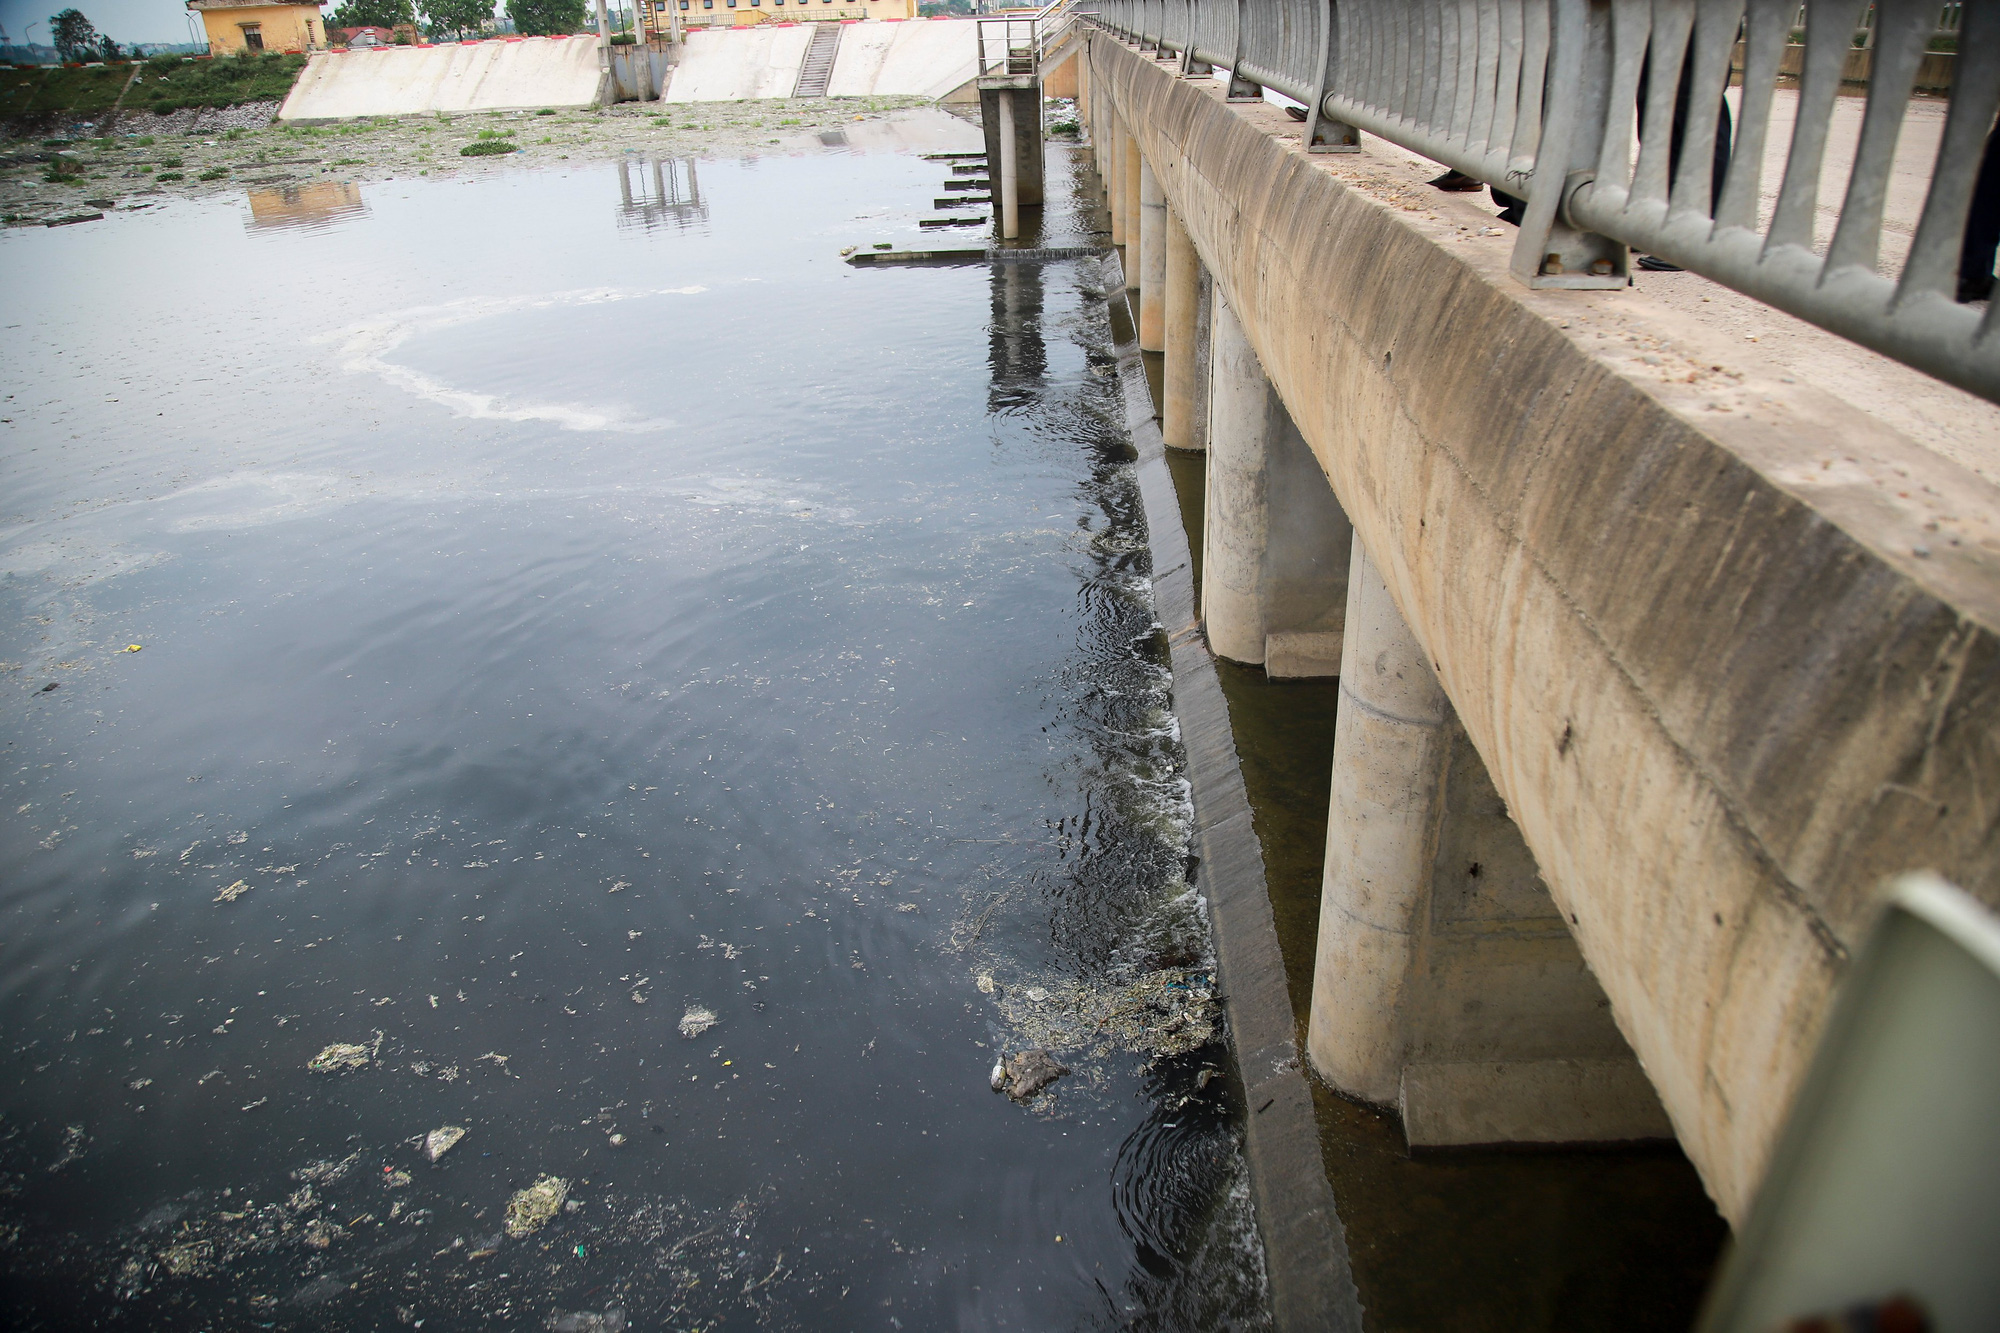 Bắc Ninh: Nhiều doanh nghiệp nhờn luật, gây ô nhiễm kinh hoàng tại các cụm công nghiệp giấy Phú Lâm, Phong Khê - Ảnh 5.